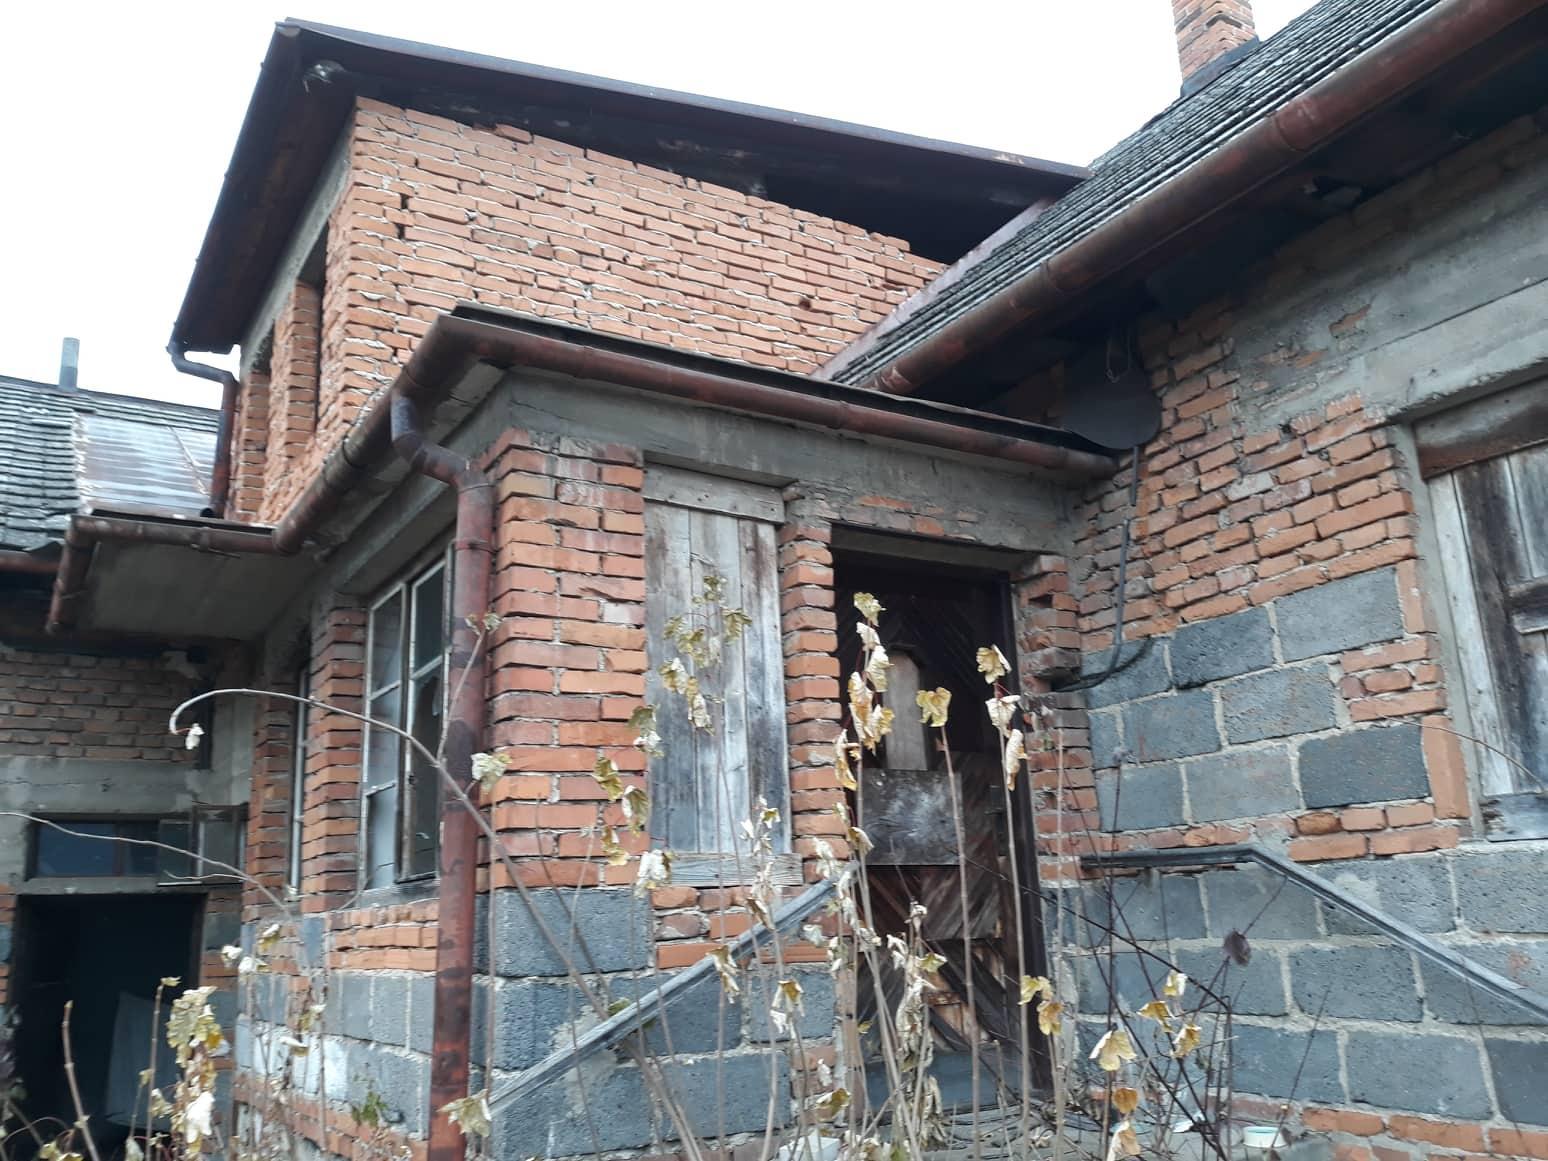 Rekonštrukcia domu-alebo chceme si splniť sen =》🏠🌻🌼🐶  mat domcek a vratit sa na Slovensko - vchod do ... :-D ... o par mesiacov napisem, ze do domu, lebo to je fakt len bordel :-p...